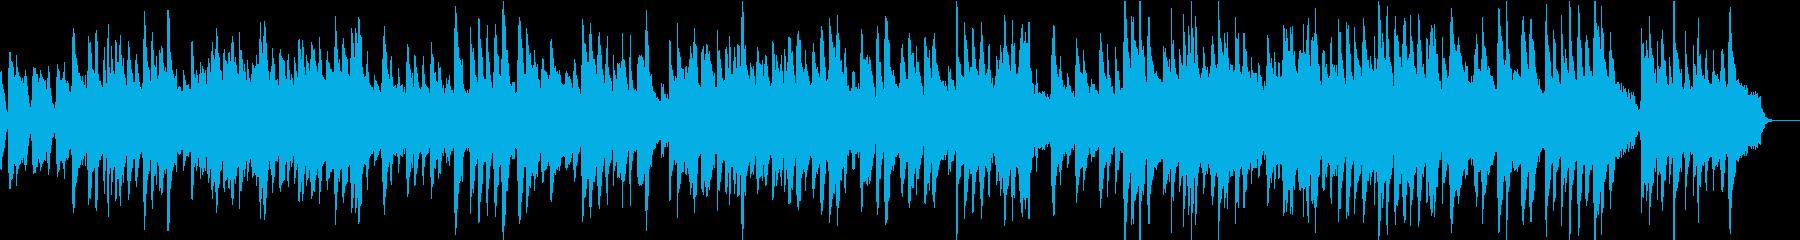 クリスマスの定番曲カバーです。の再生済みの波形